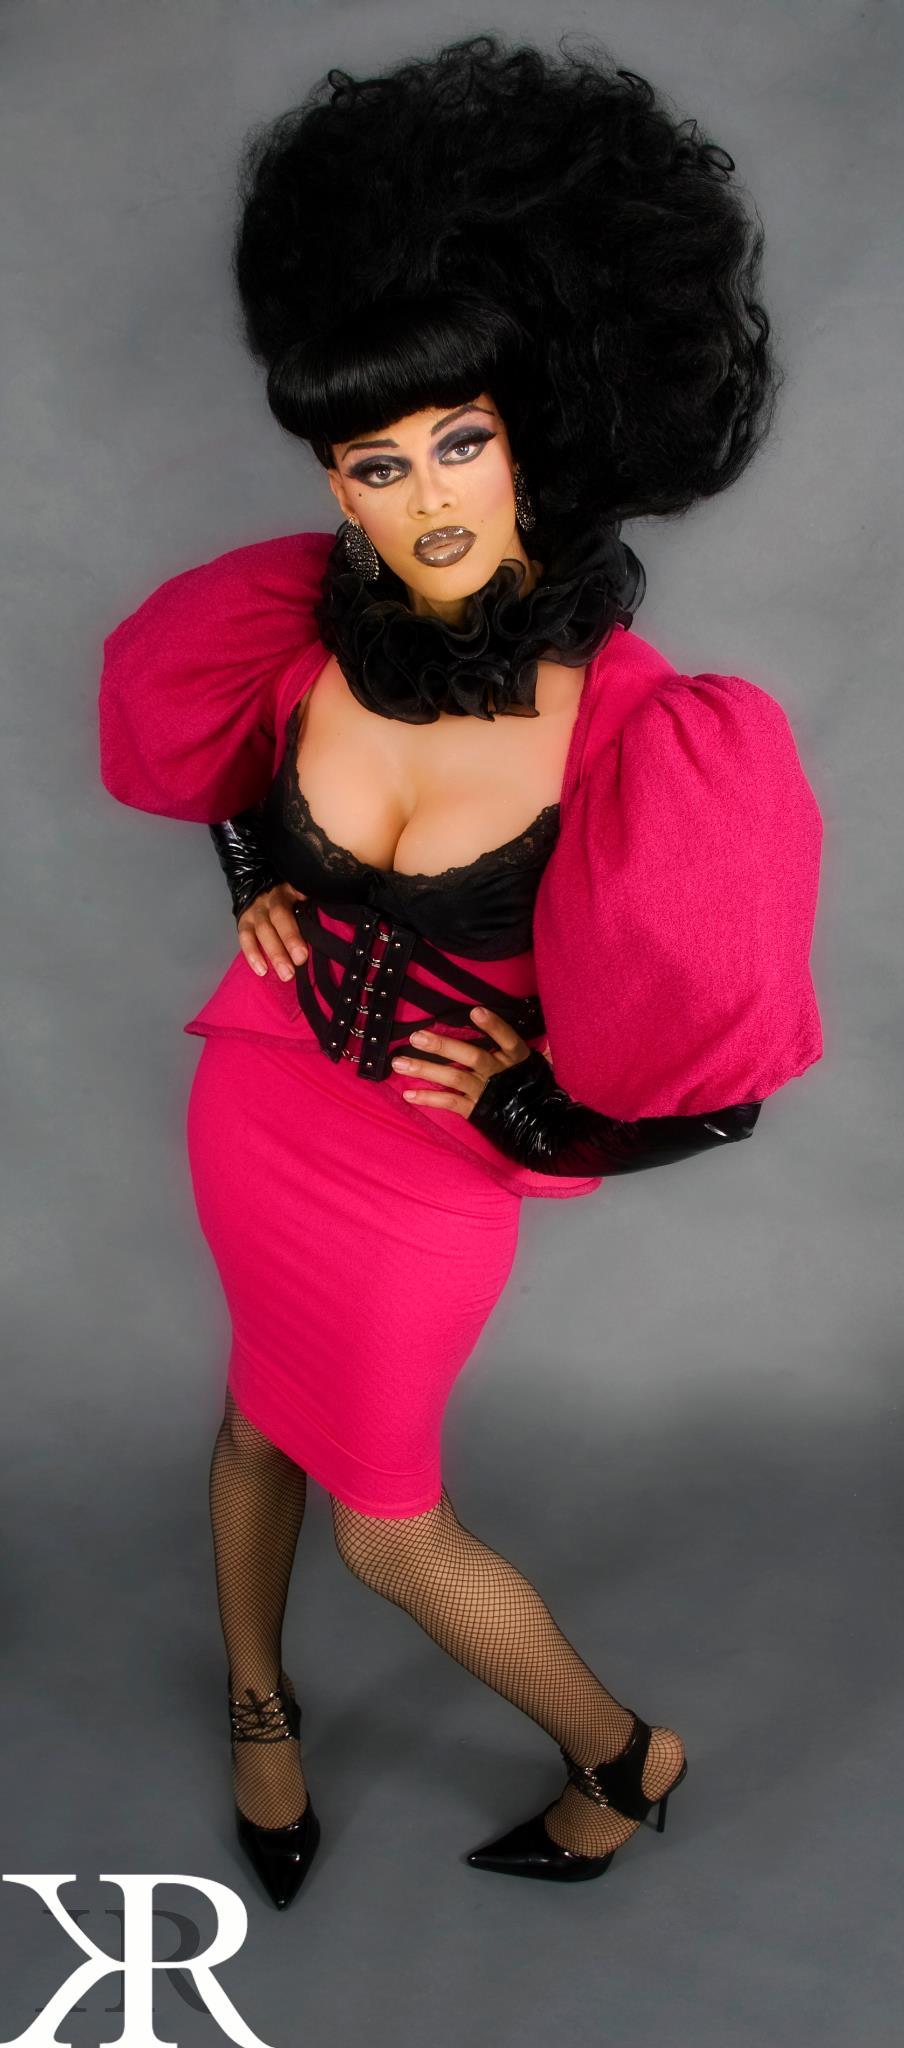 Tyra Sanchez - Photo by Kristofer Reynolds